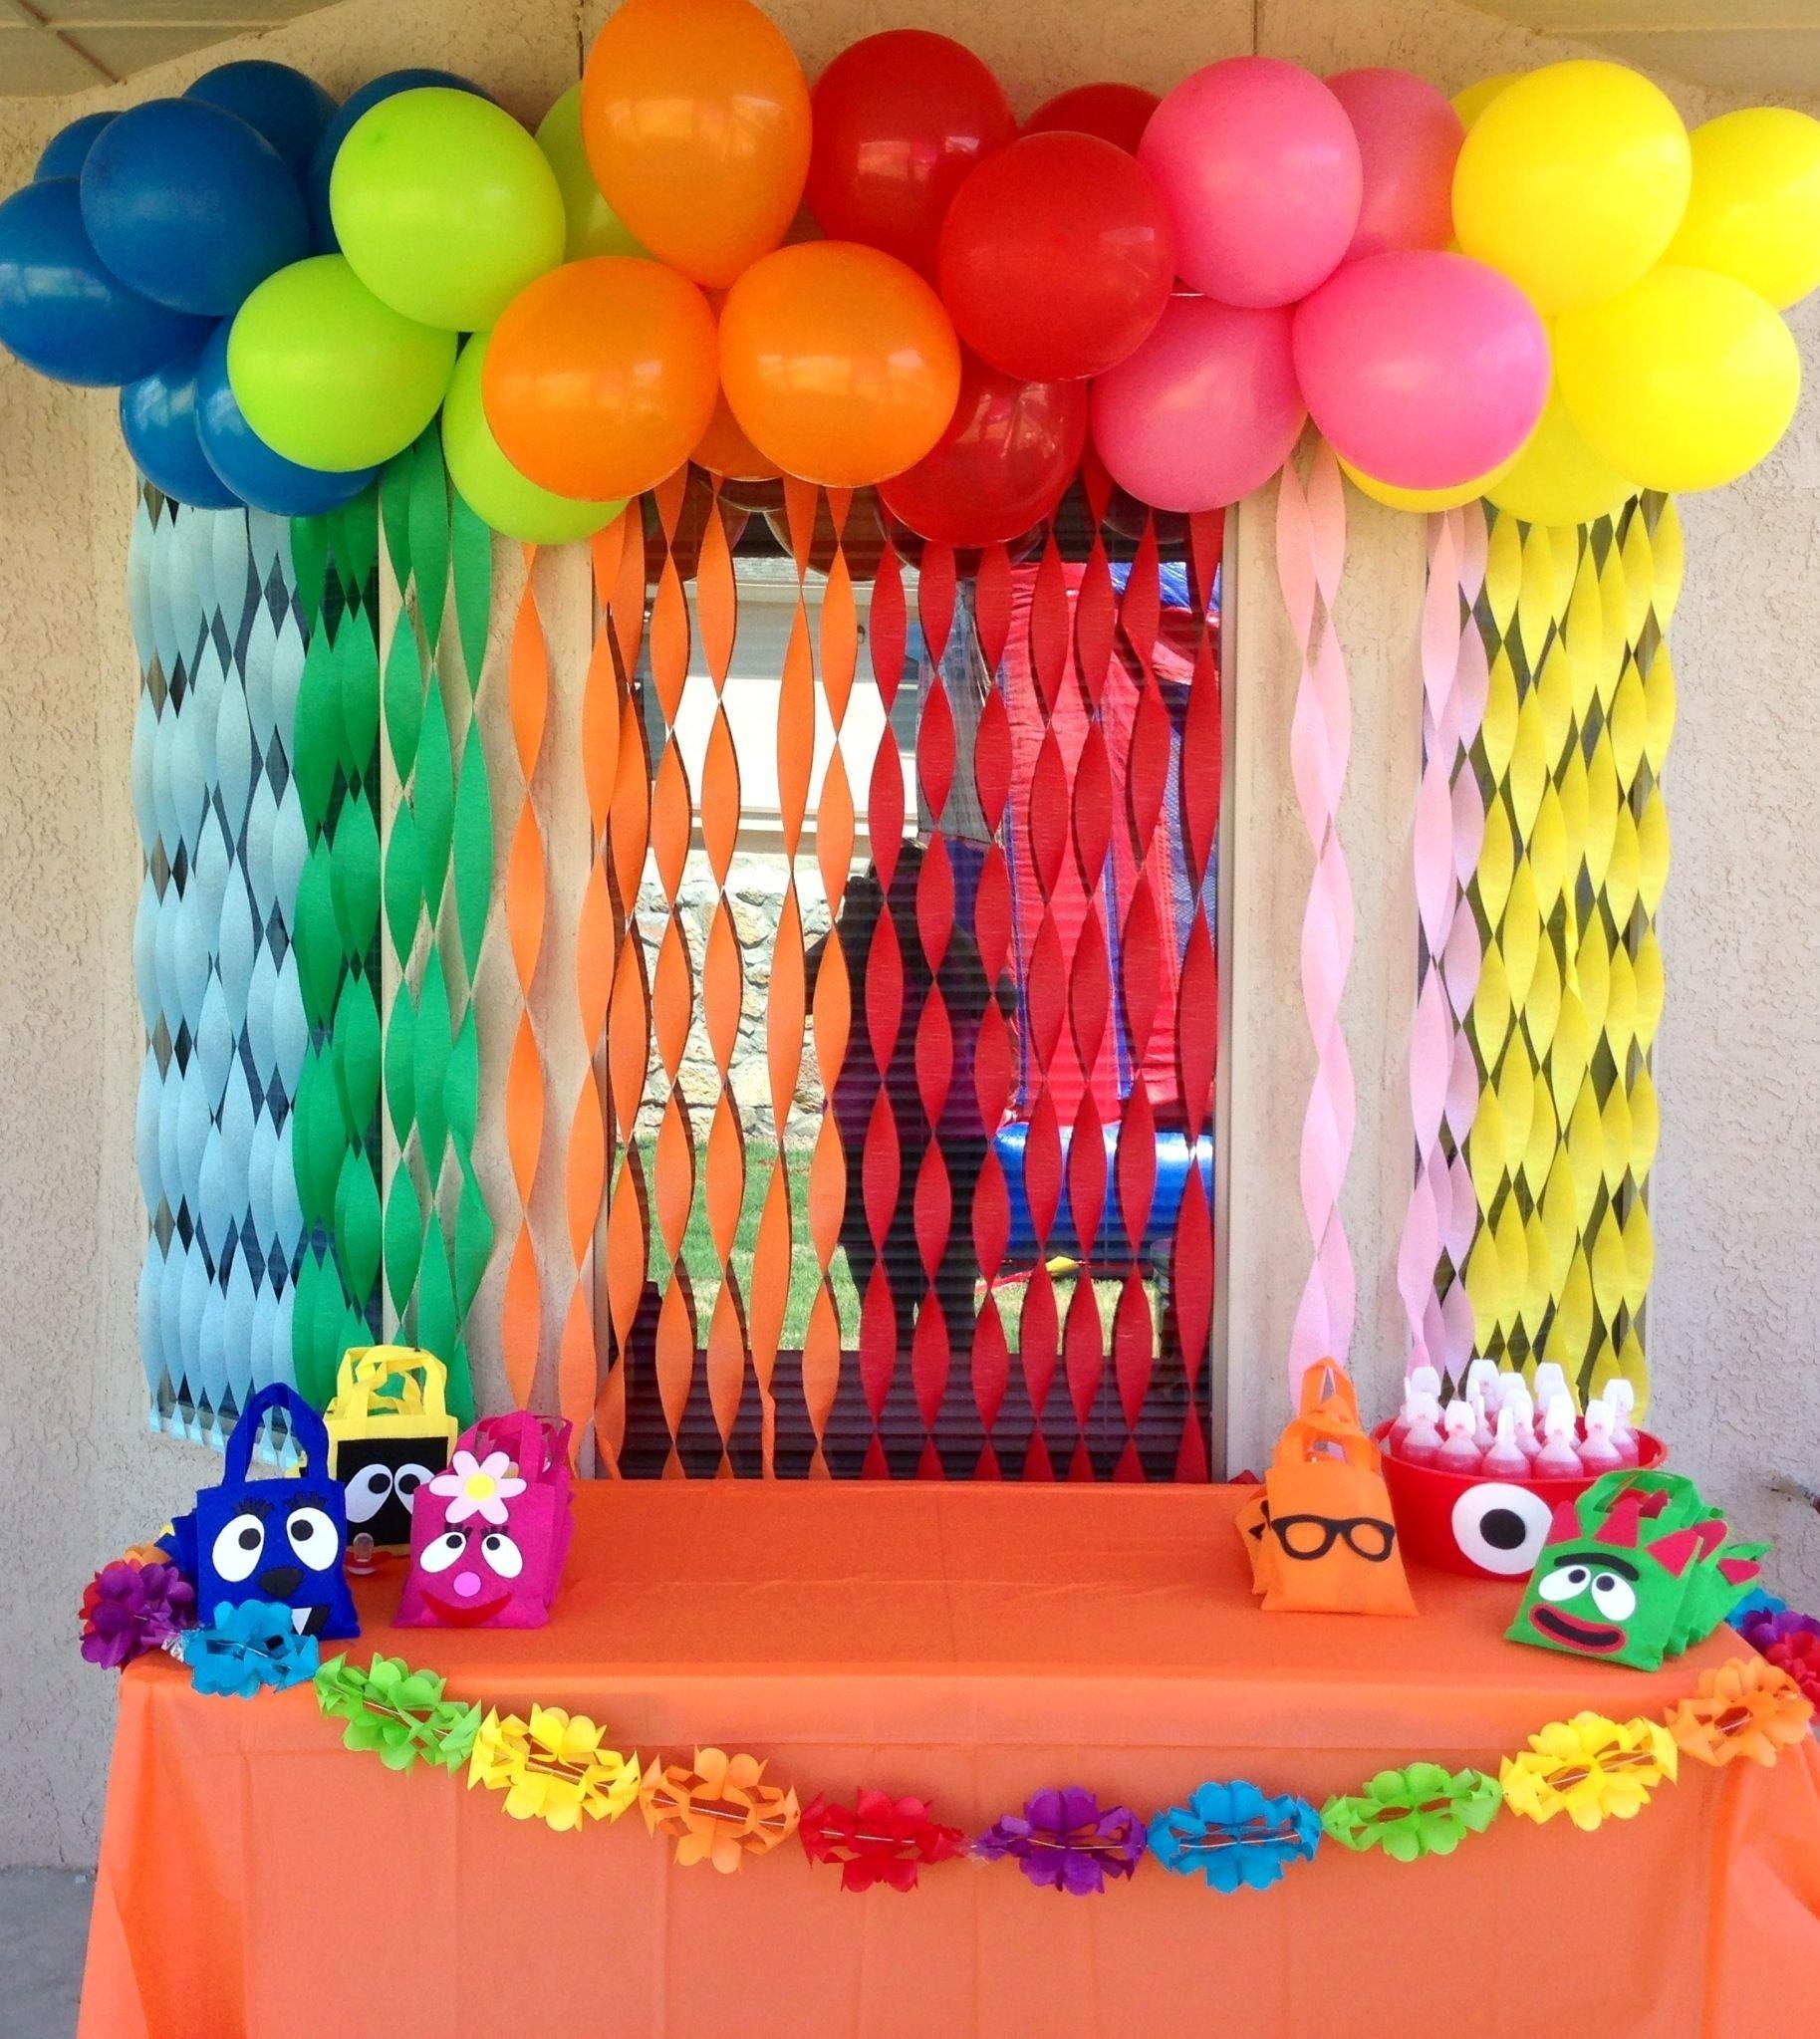 10 Great Yo Gabba Gabba Birthday Party Ideas yo gabba gabba birthday party birthdays pinterest yo gabba 2020